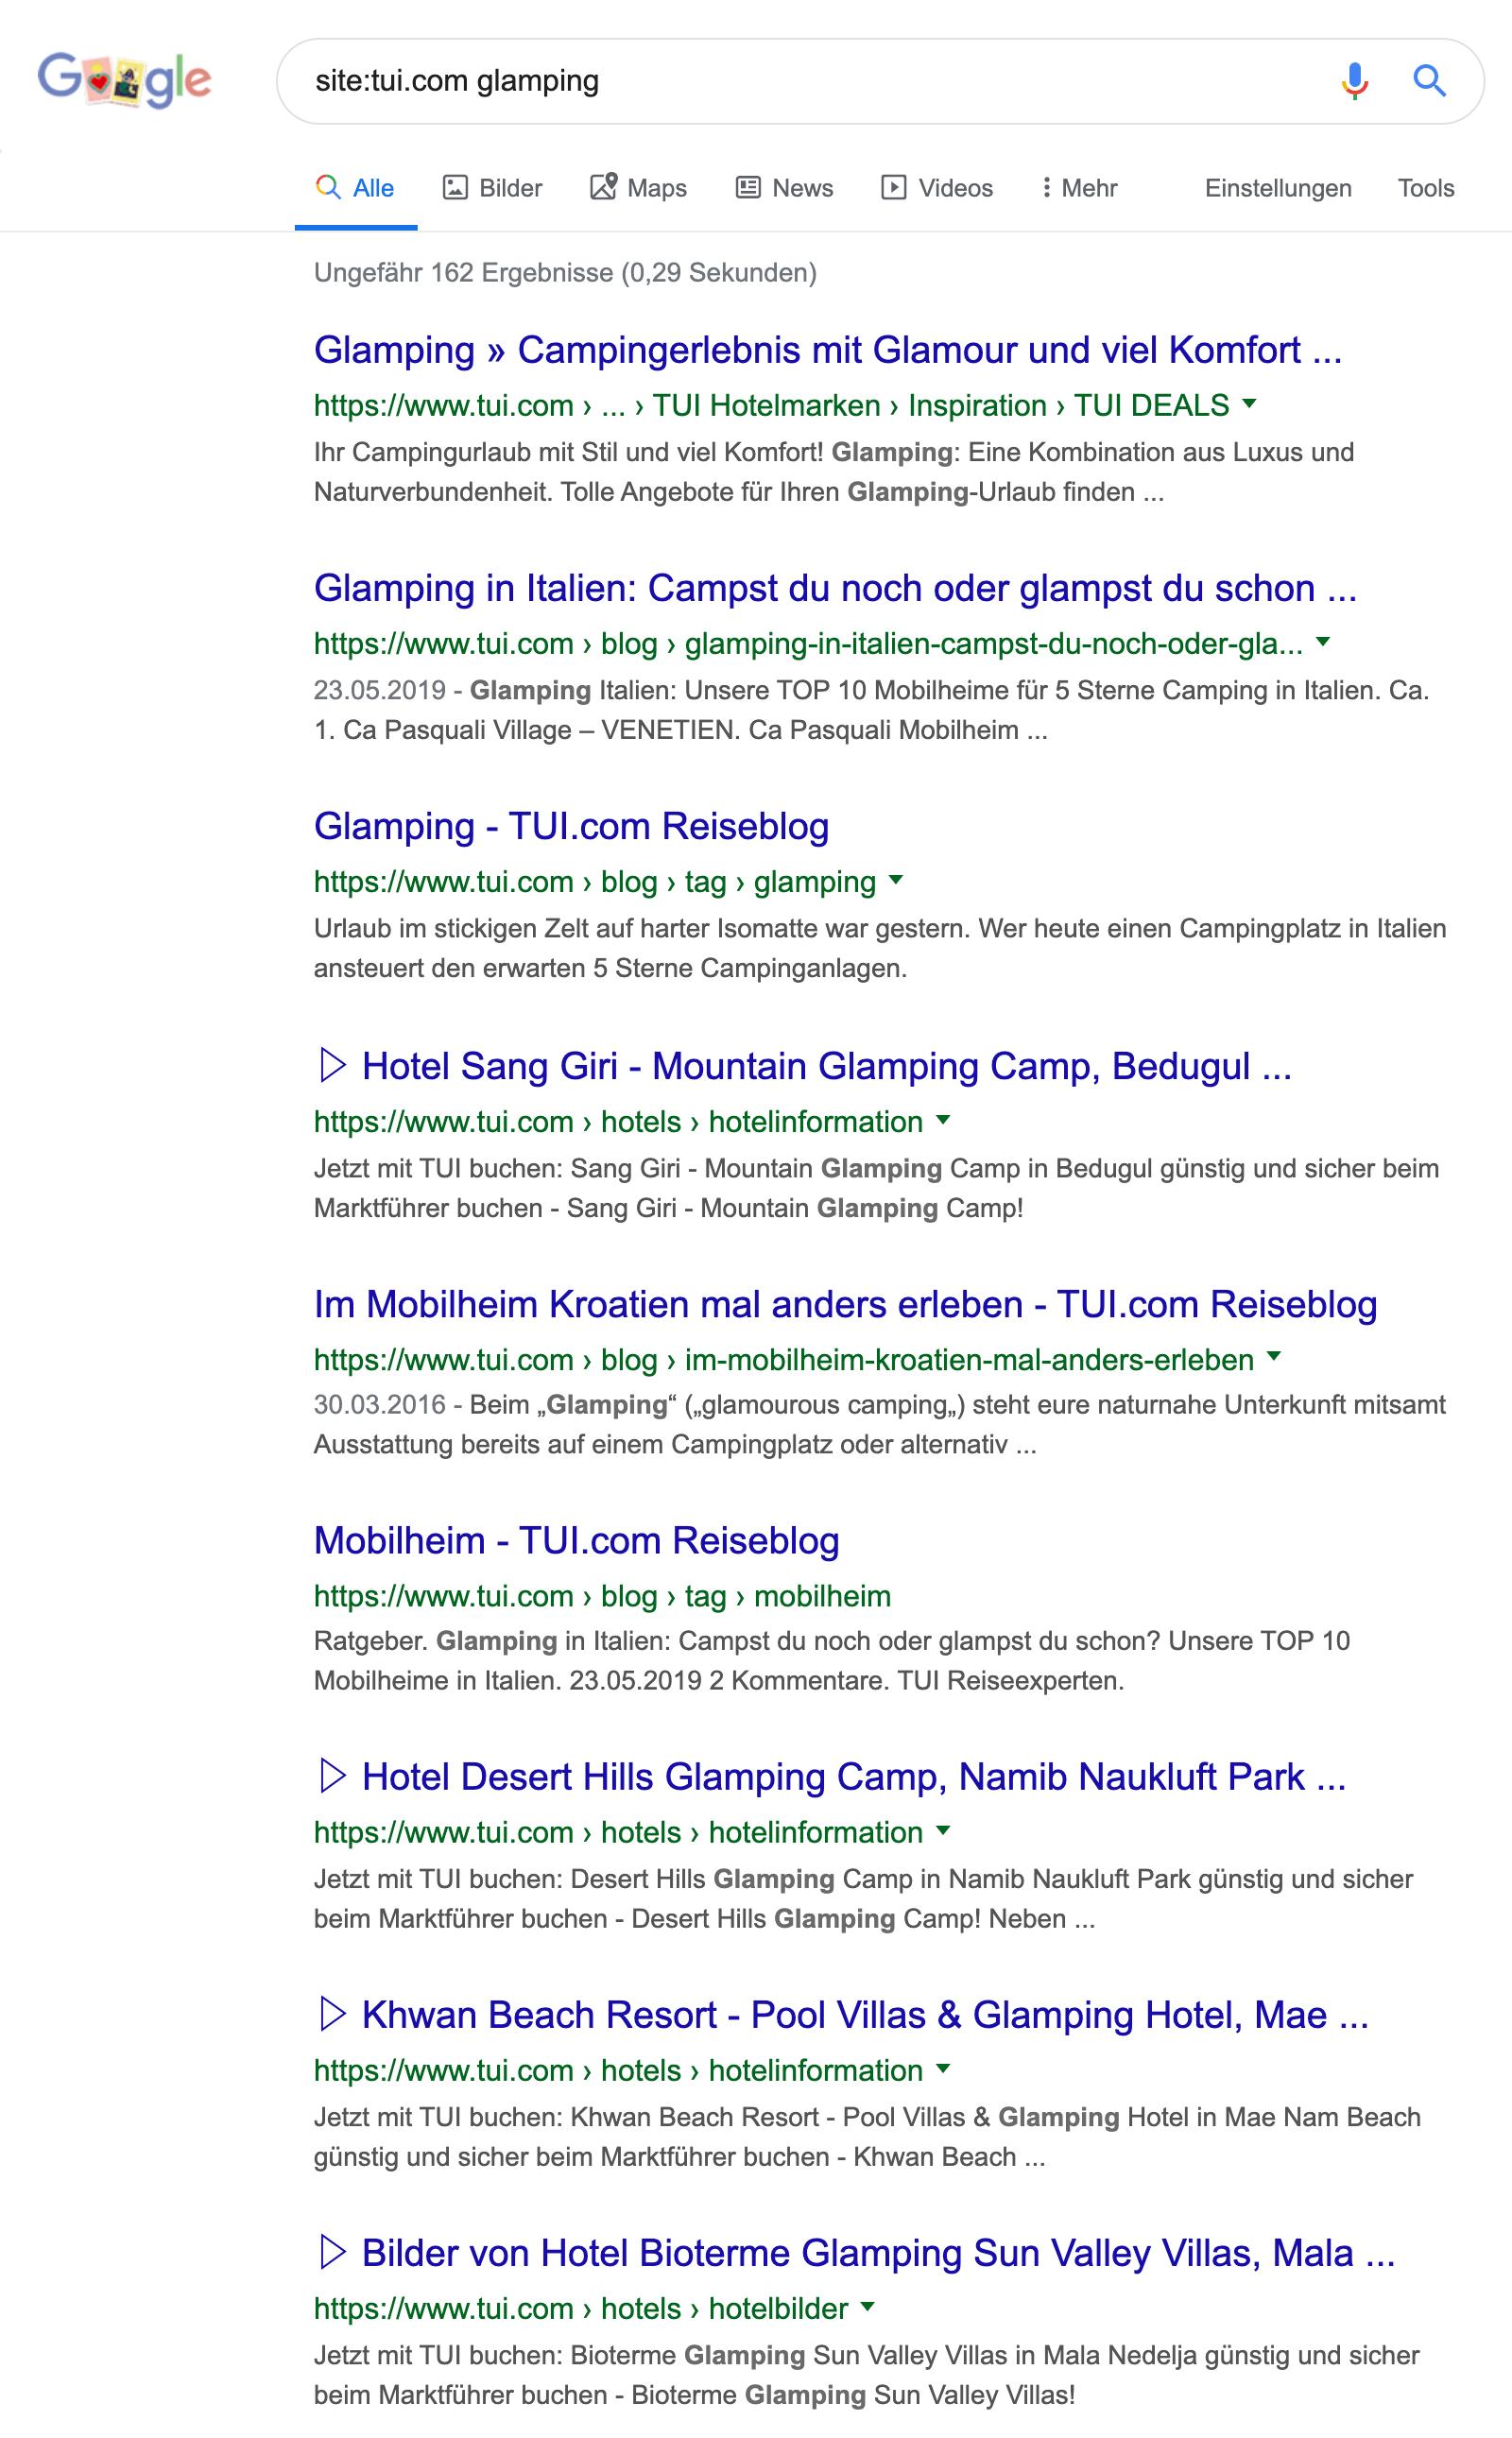 """Google Suchergebnisseite für die Anfrage """"site:tui.com glamping"""". Es werden verschiedene Unterseiten auf Tui.com angezeigt. Manche sind Kategorieseiten, andere Produktseiten, wieder andere Informationsseiten."""